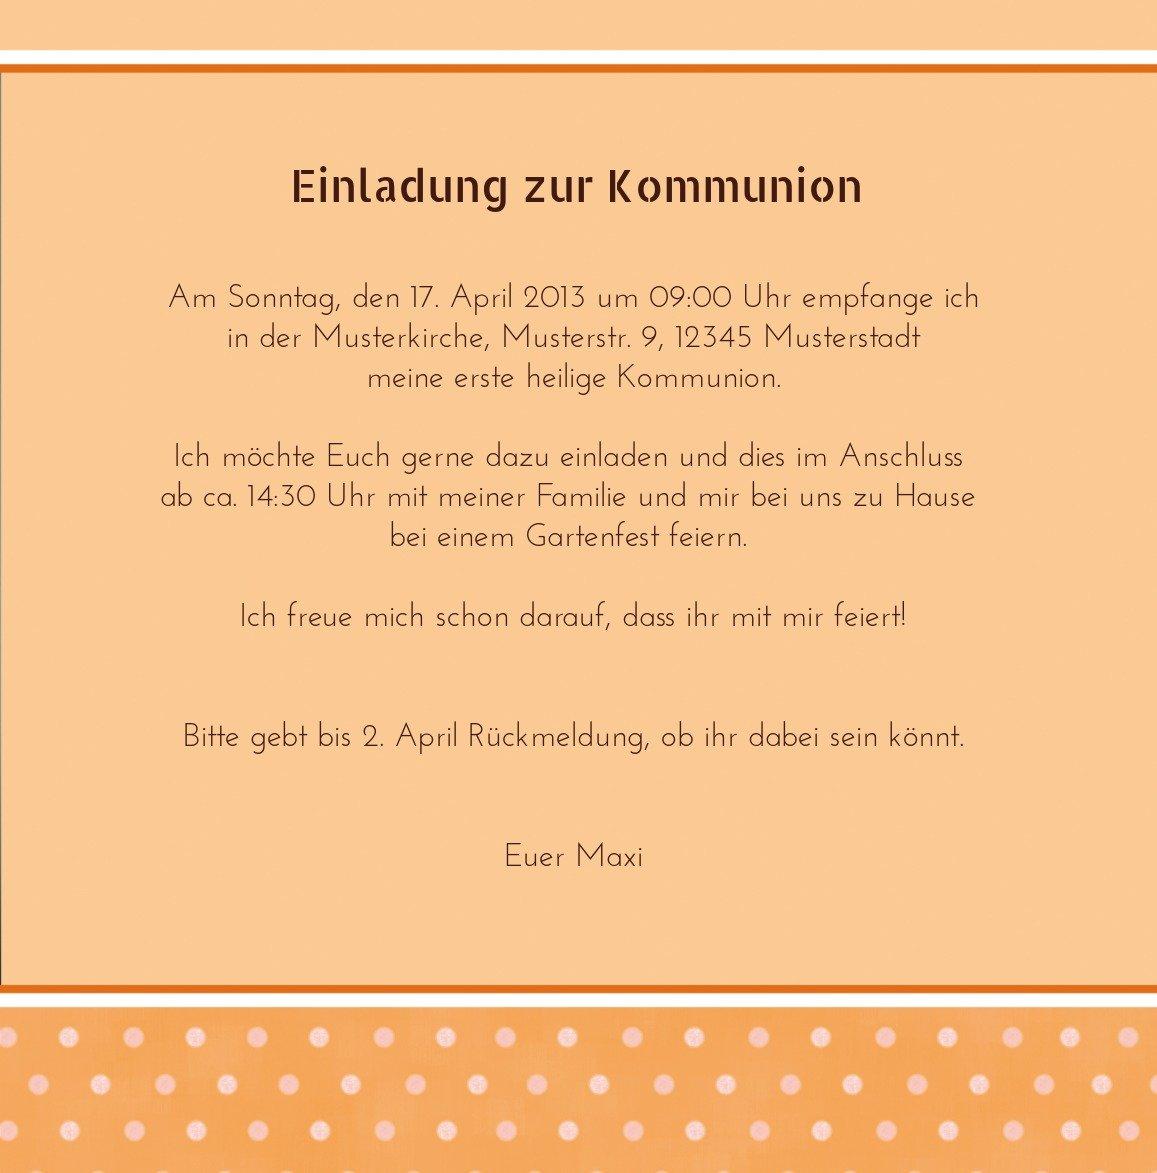 Kartenparadies Einladungskarte zur Kommunion Kommunionskarte Kreuzhostie, hochwertige hochwertige hochwertige Einladung als Kommunionskarte inklusive Umschläge   10 Karten - (Format  145x145 mm) Farbe  MattGrün B01MRBZ0BG | Sonderangebot  | Die erste Reihe von umfasse 9e38ad